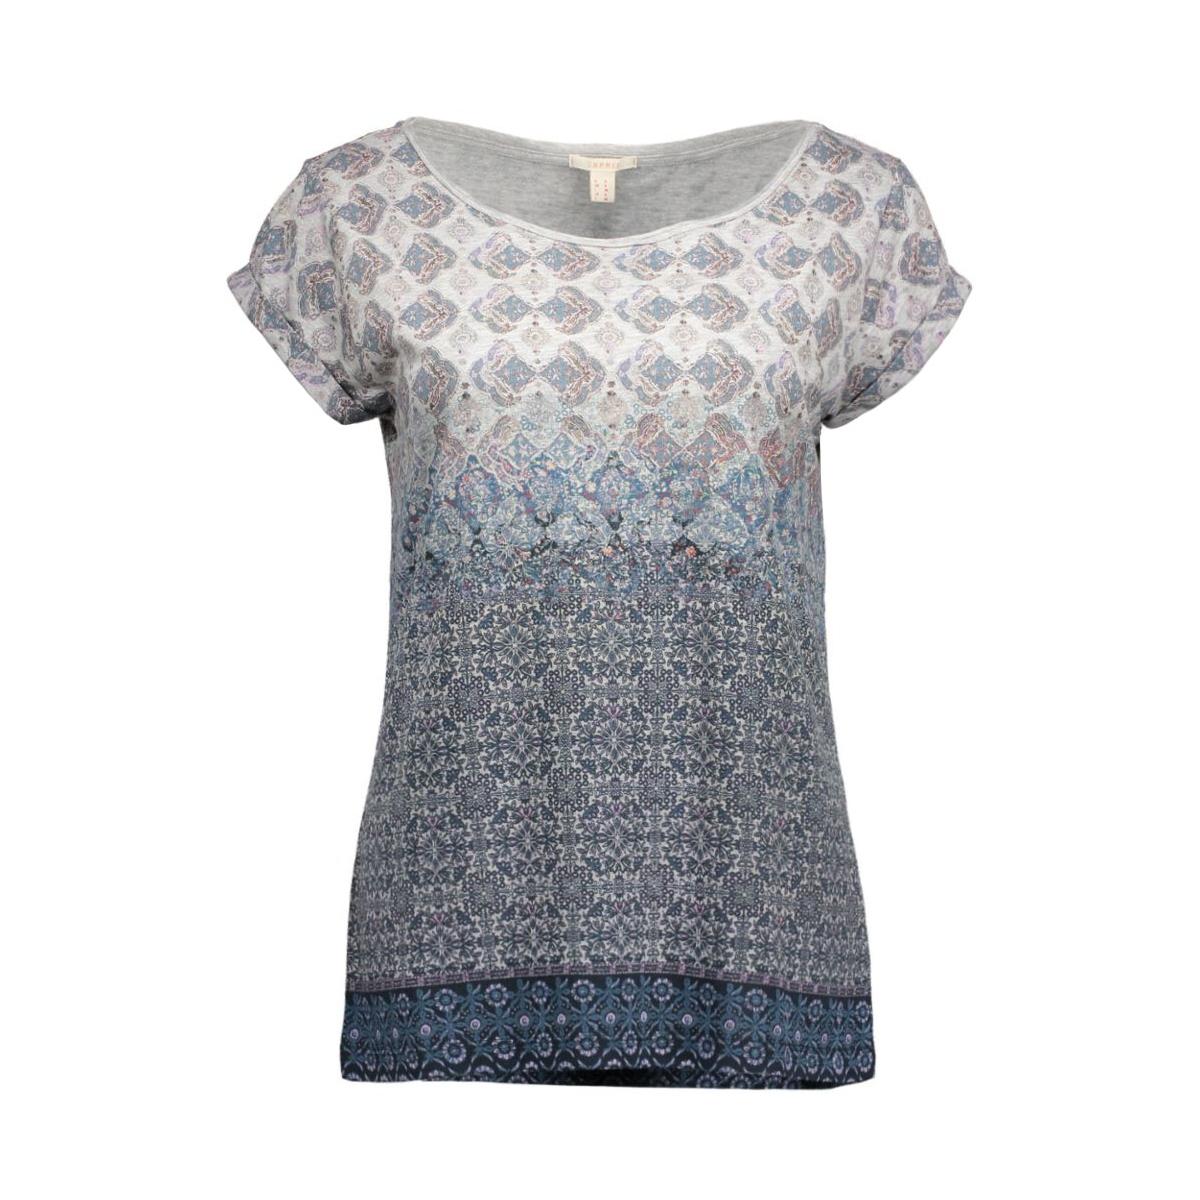 086ee1k032 esprit t-shirt e044